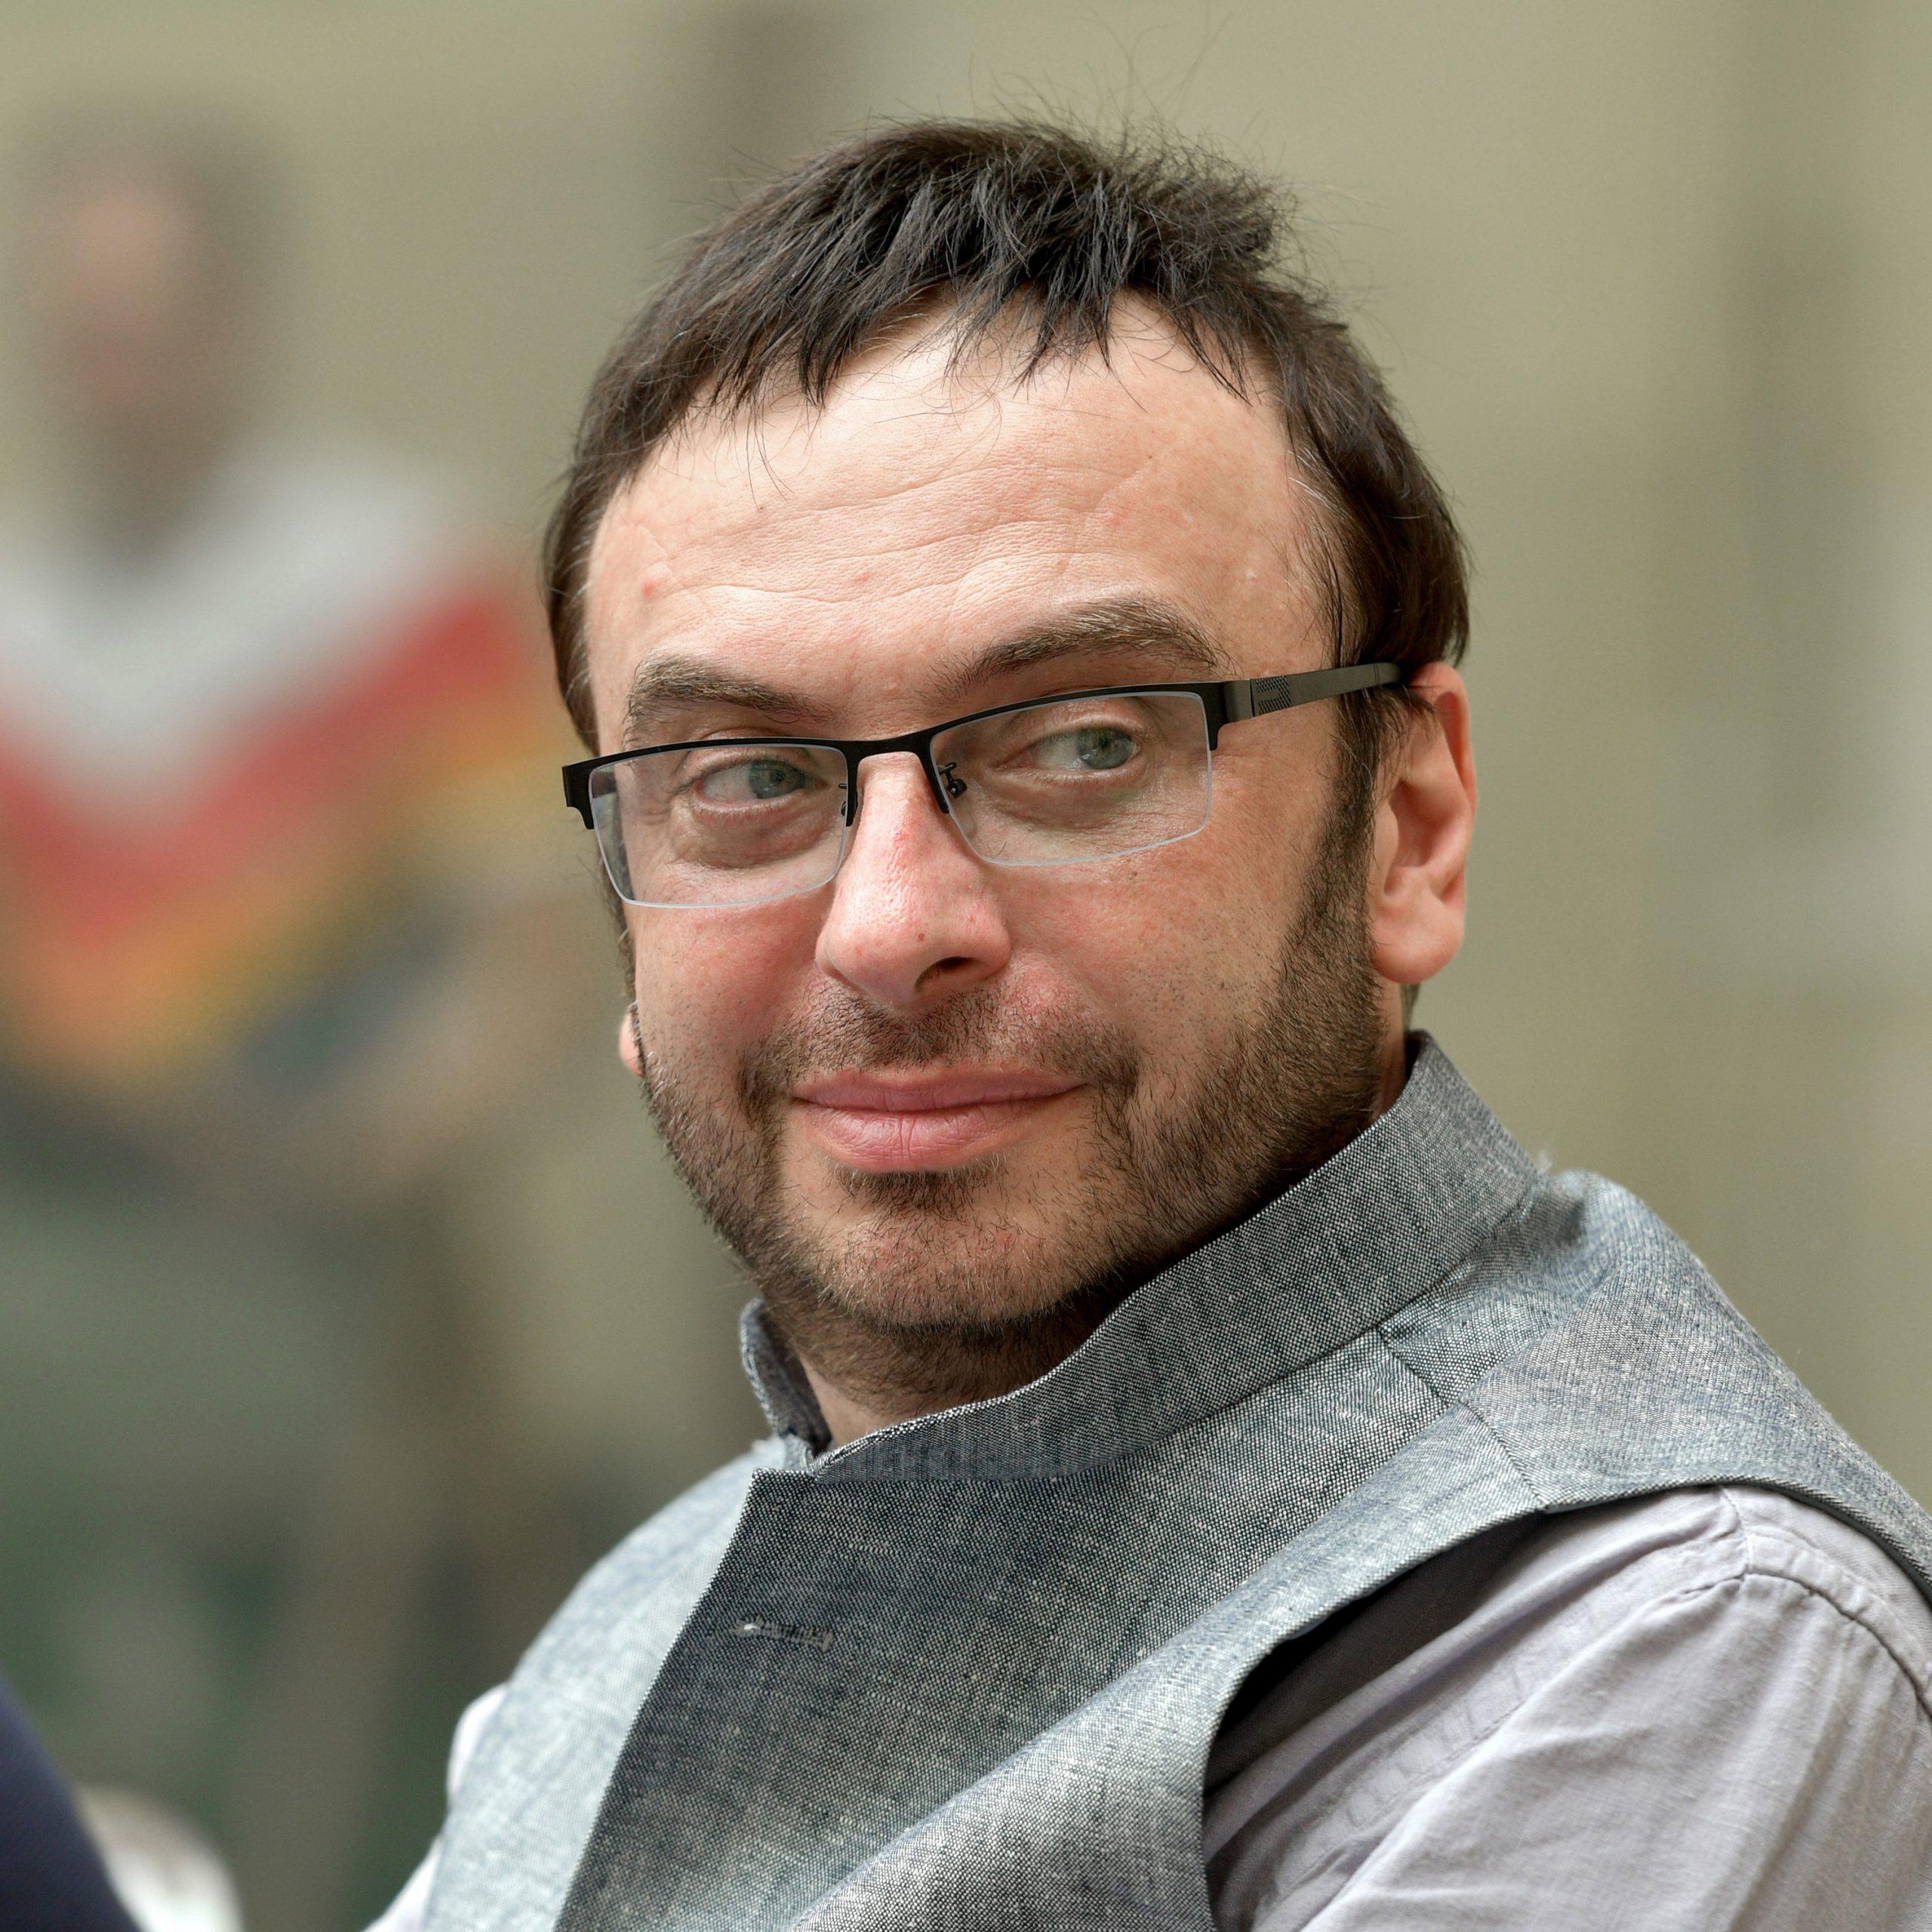 Худрук театра «Геликон-опера» Дмитрий Бертман признался, что за 30 лет сформировалась настоящая команда. Фото: Persona stars